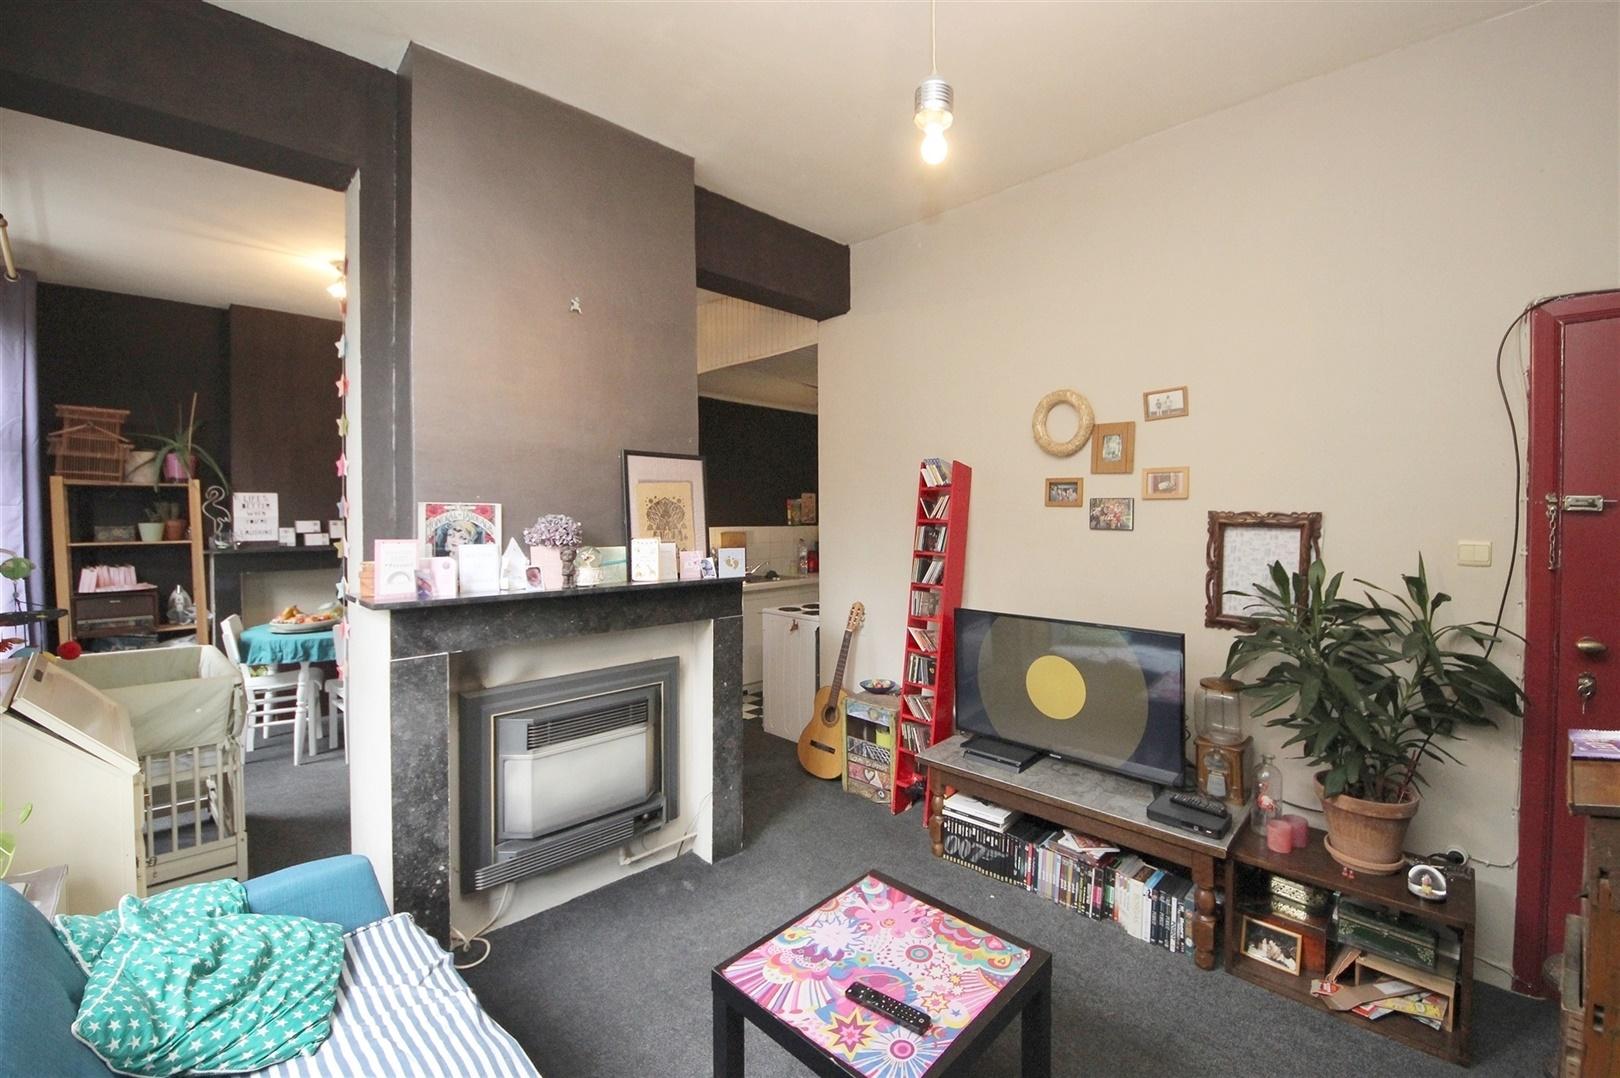 Goed gelegen 1 slaapkamer appartement nabij Portus Ganda!